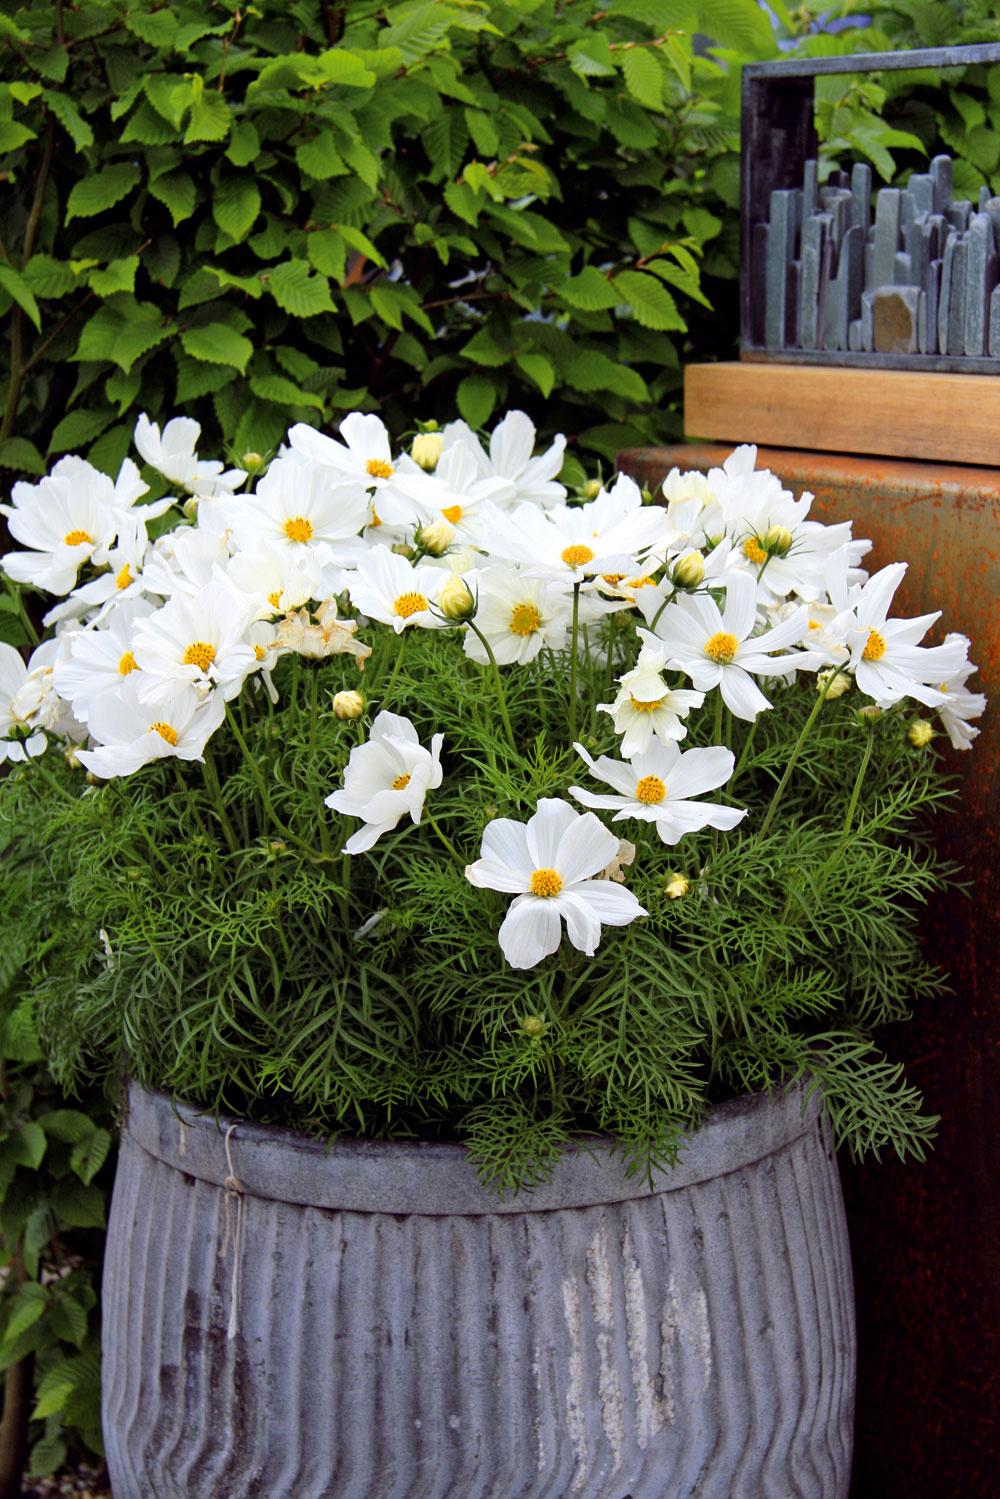 Vlete oživujú priestor záhrady aj kvitnúce letničky vnádobách. Tento raz je to bielokvitnúca krasuľka.